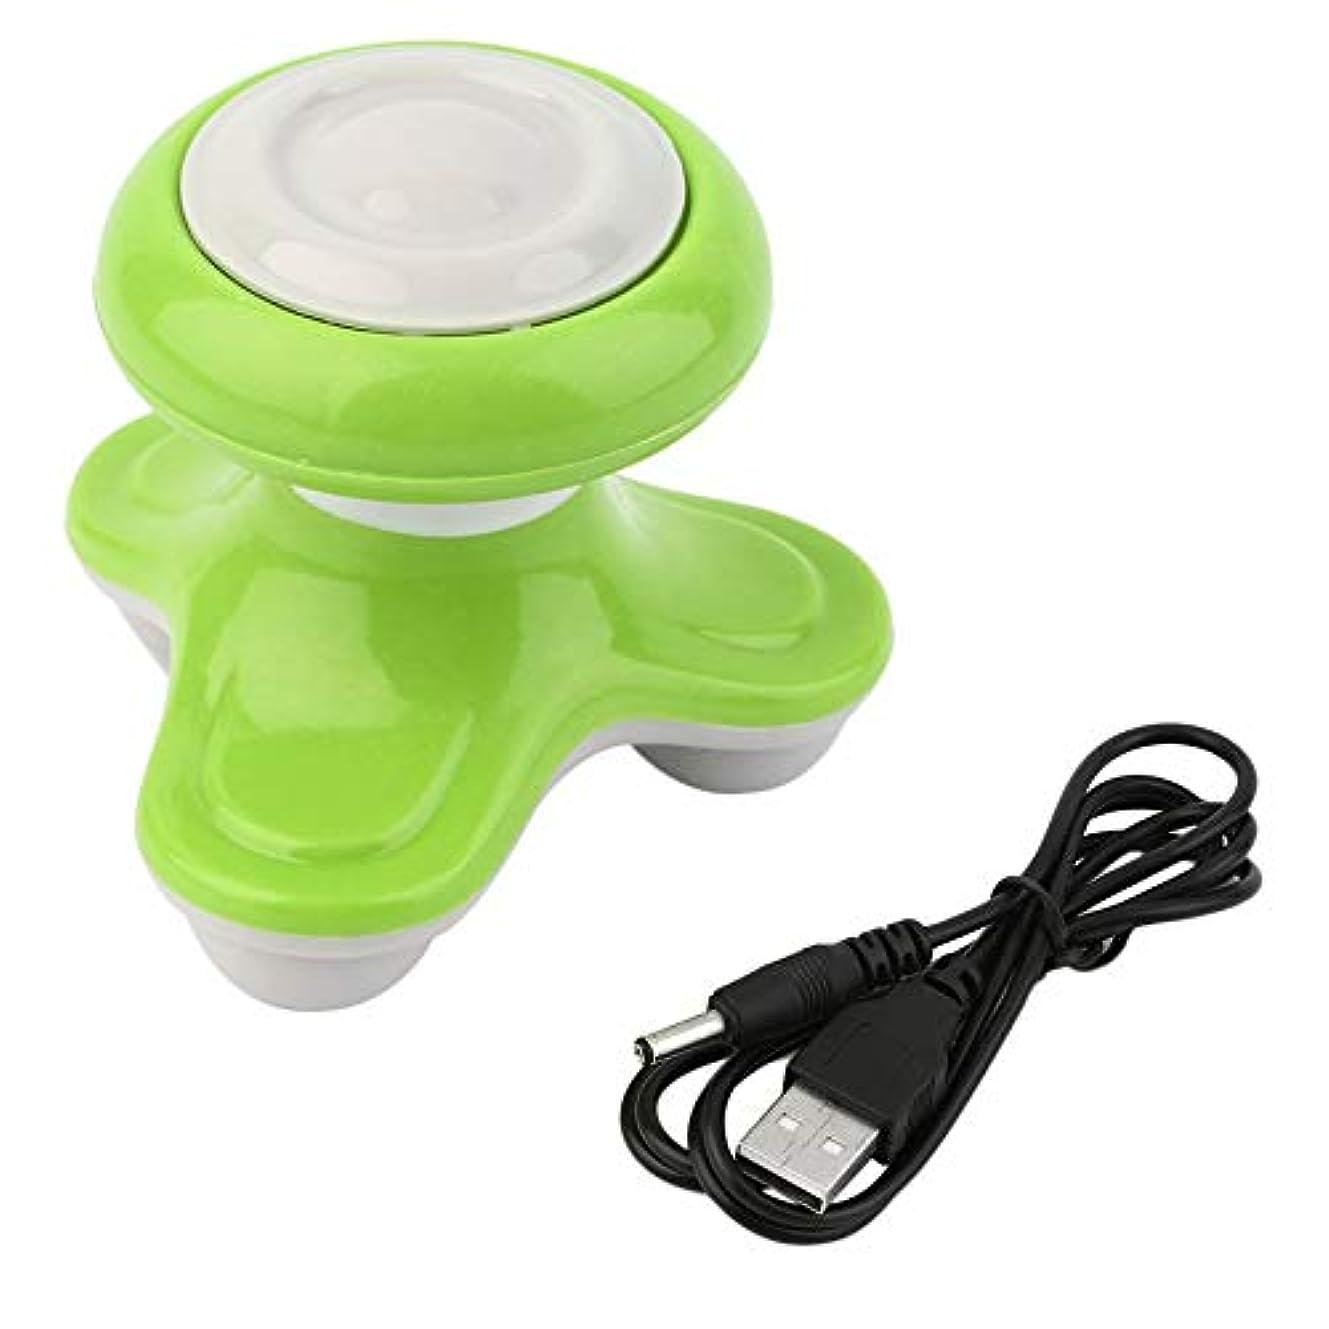 落ち着いてストリームカートンミニ電動ハンドル波振動マッサージ器USBバッテリーフルボディマッサージ持ち運びに便利な超小型軽量-グリーン